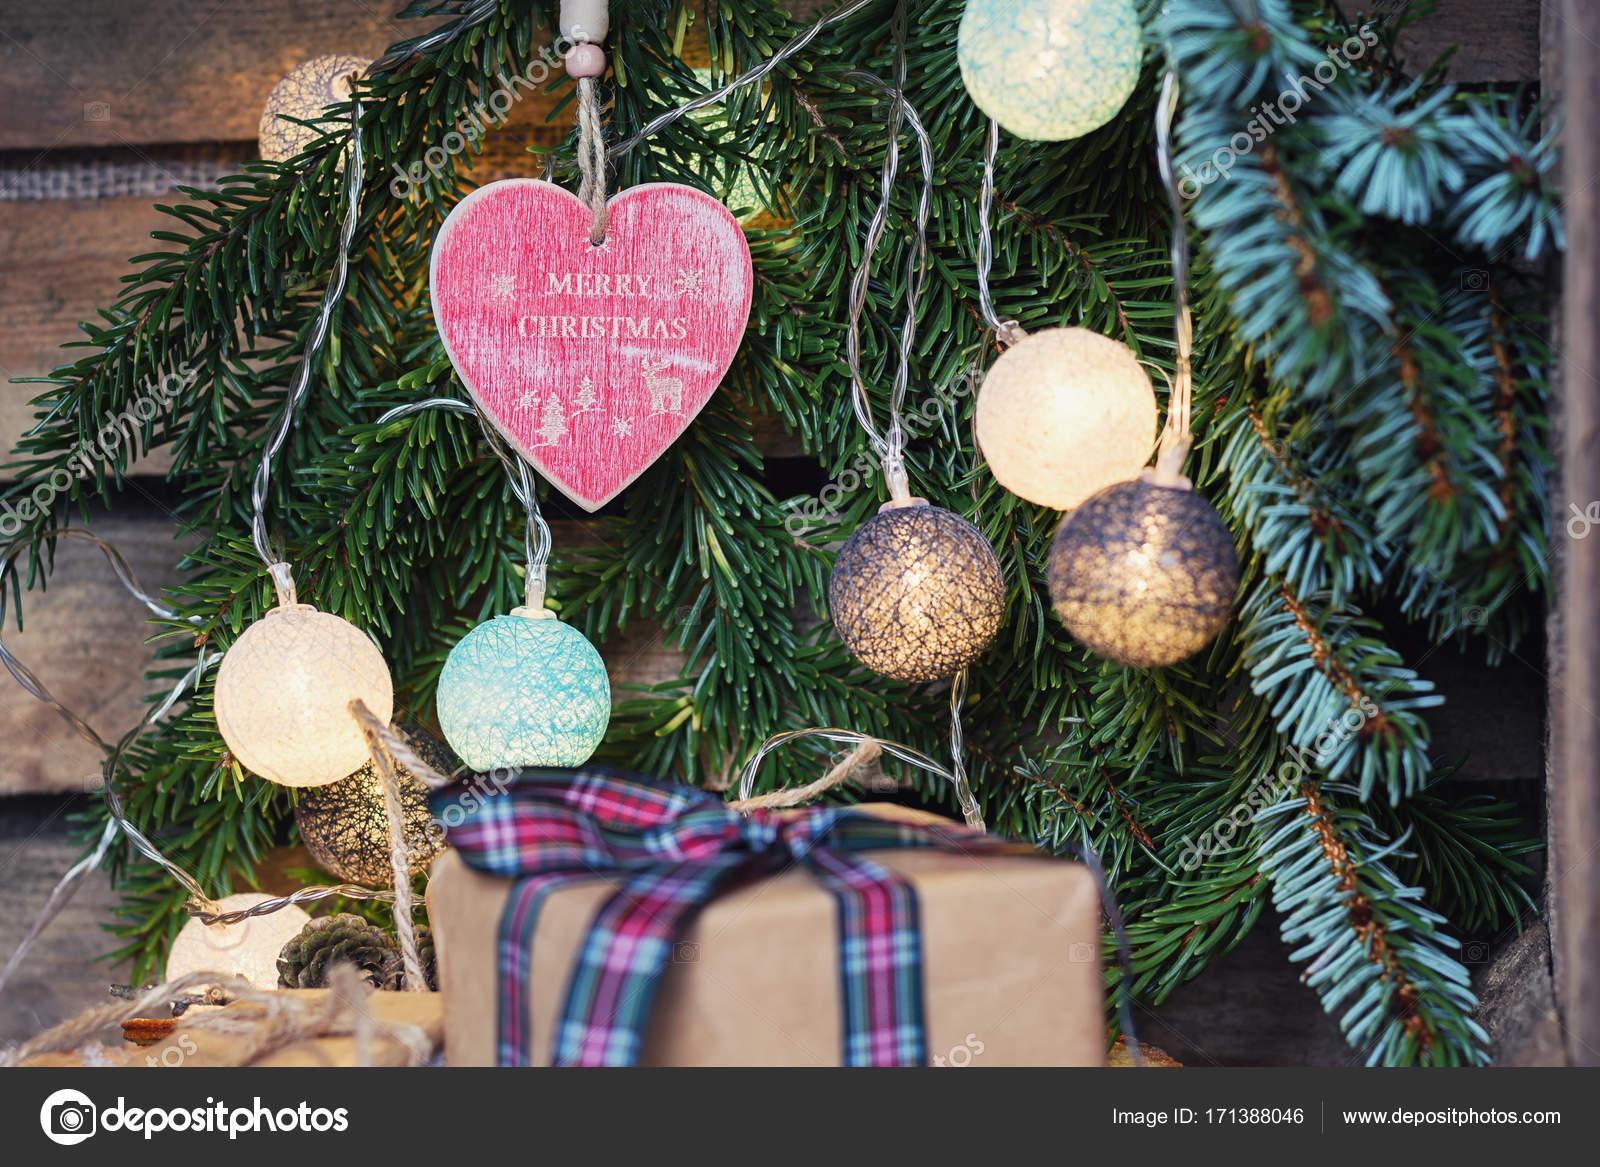 Beleuchtete Bilder Weihnachten.Gruß Zu Weihnachten In Einem Weihnachts Zweig Mit Beleuchtete